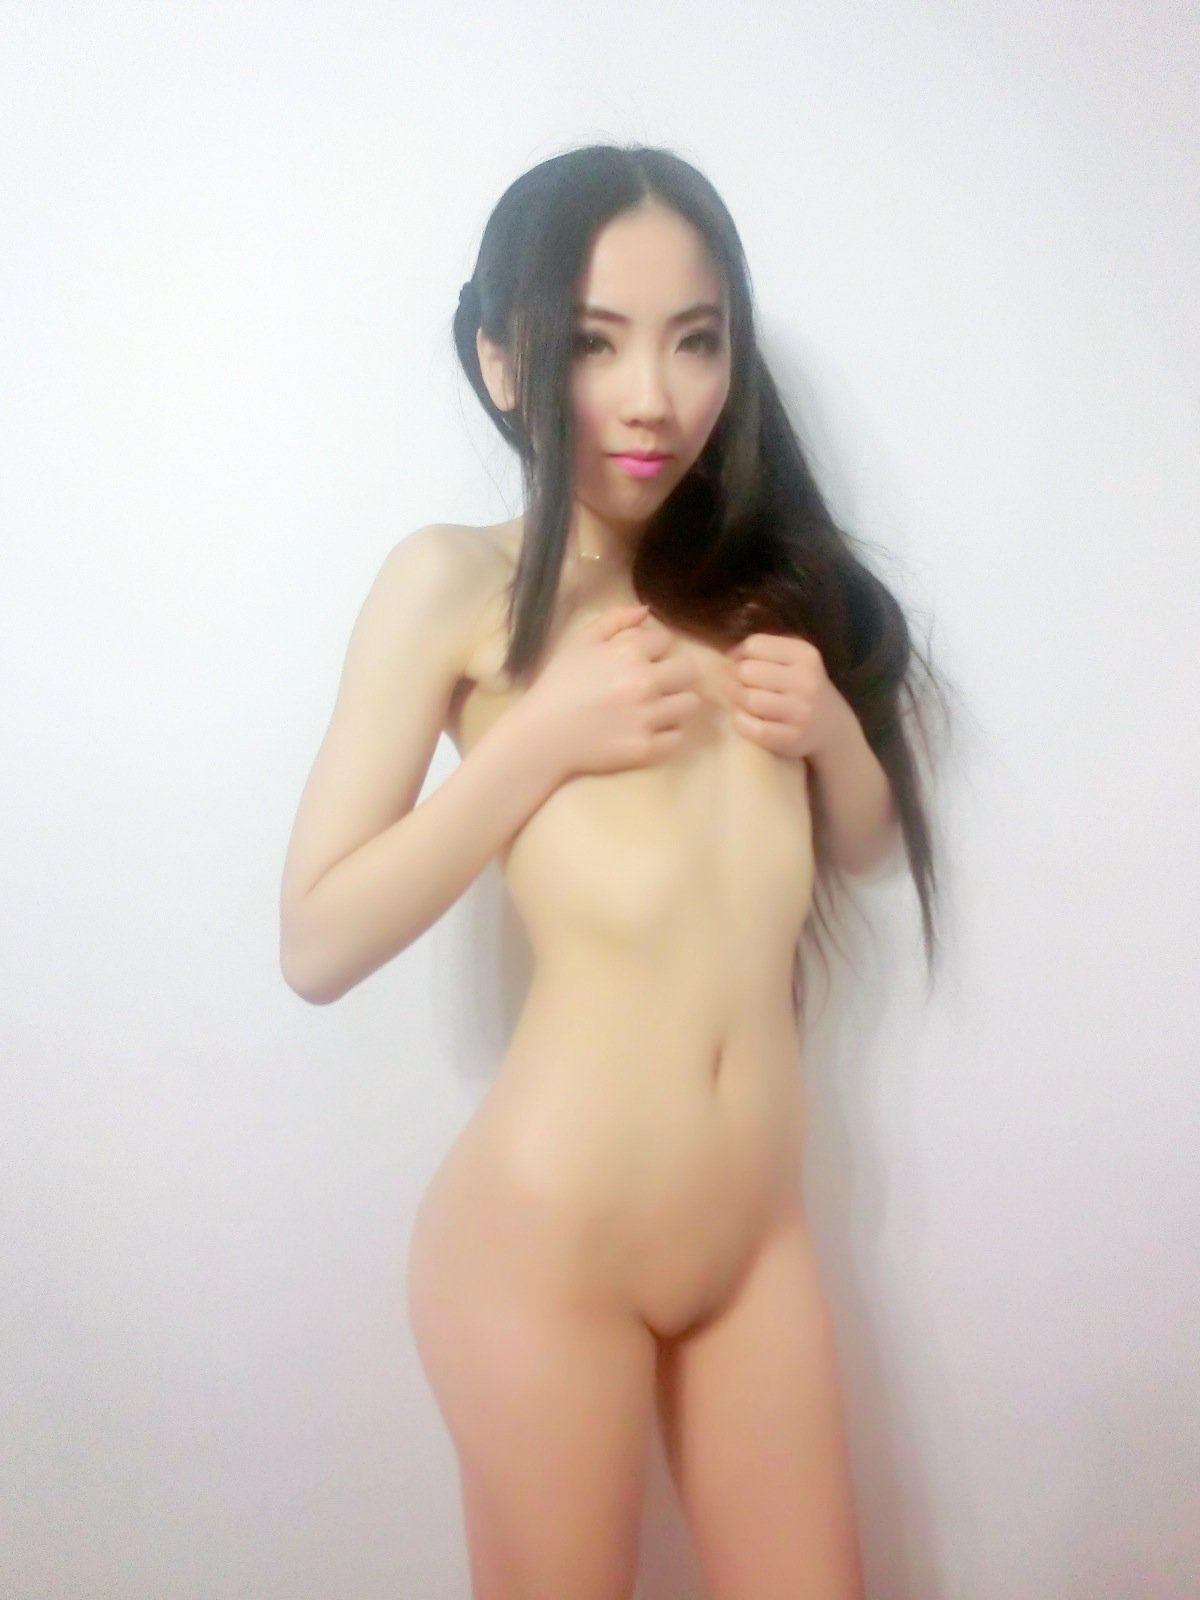 Tiny naked asian women